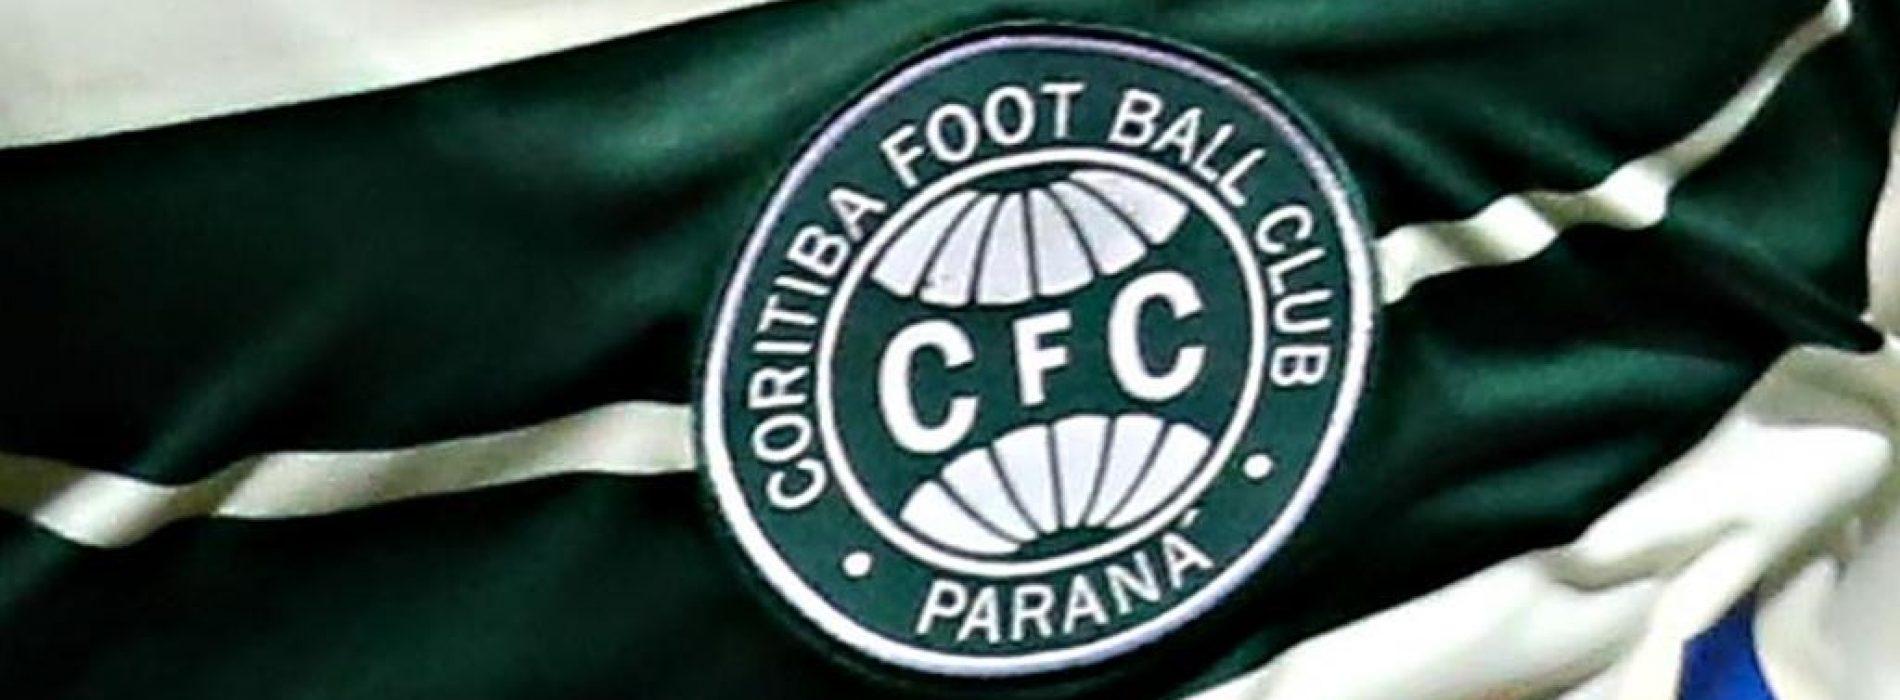 Coritiba anuncia marca própria de material esportivo e prevê lucro inicial de R$ 1 mi